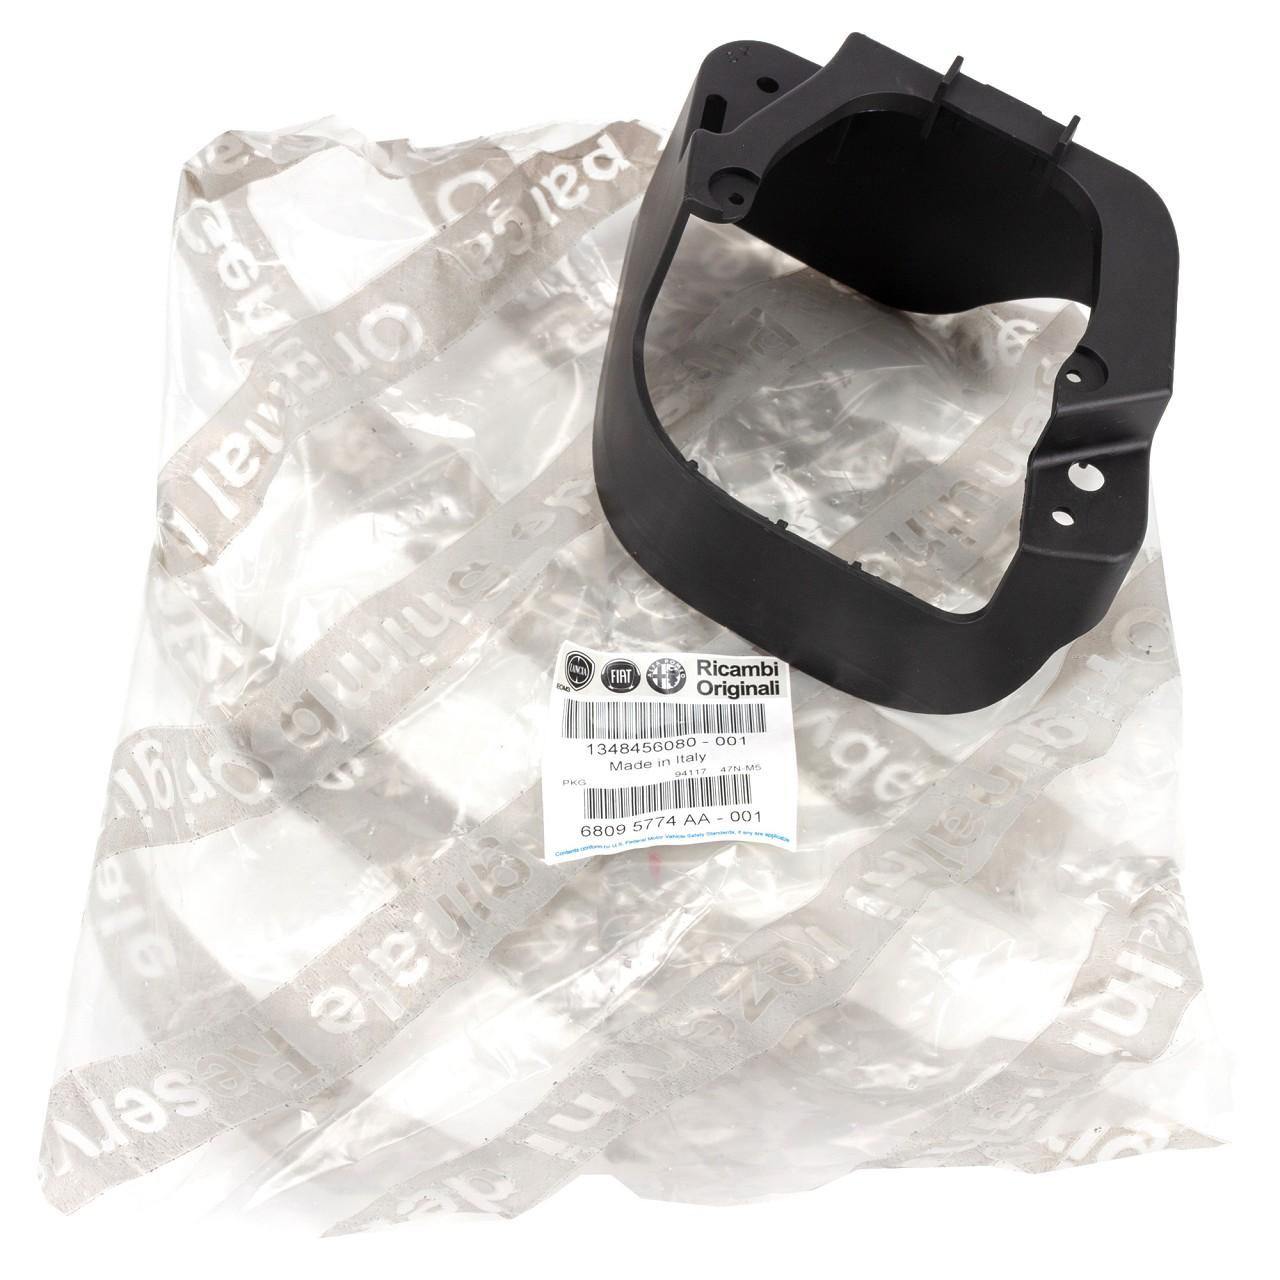 ORIGINAL Fiat Rahmen Halter Nebelscheinwerfer DUCATO (250 290) links 1348456080